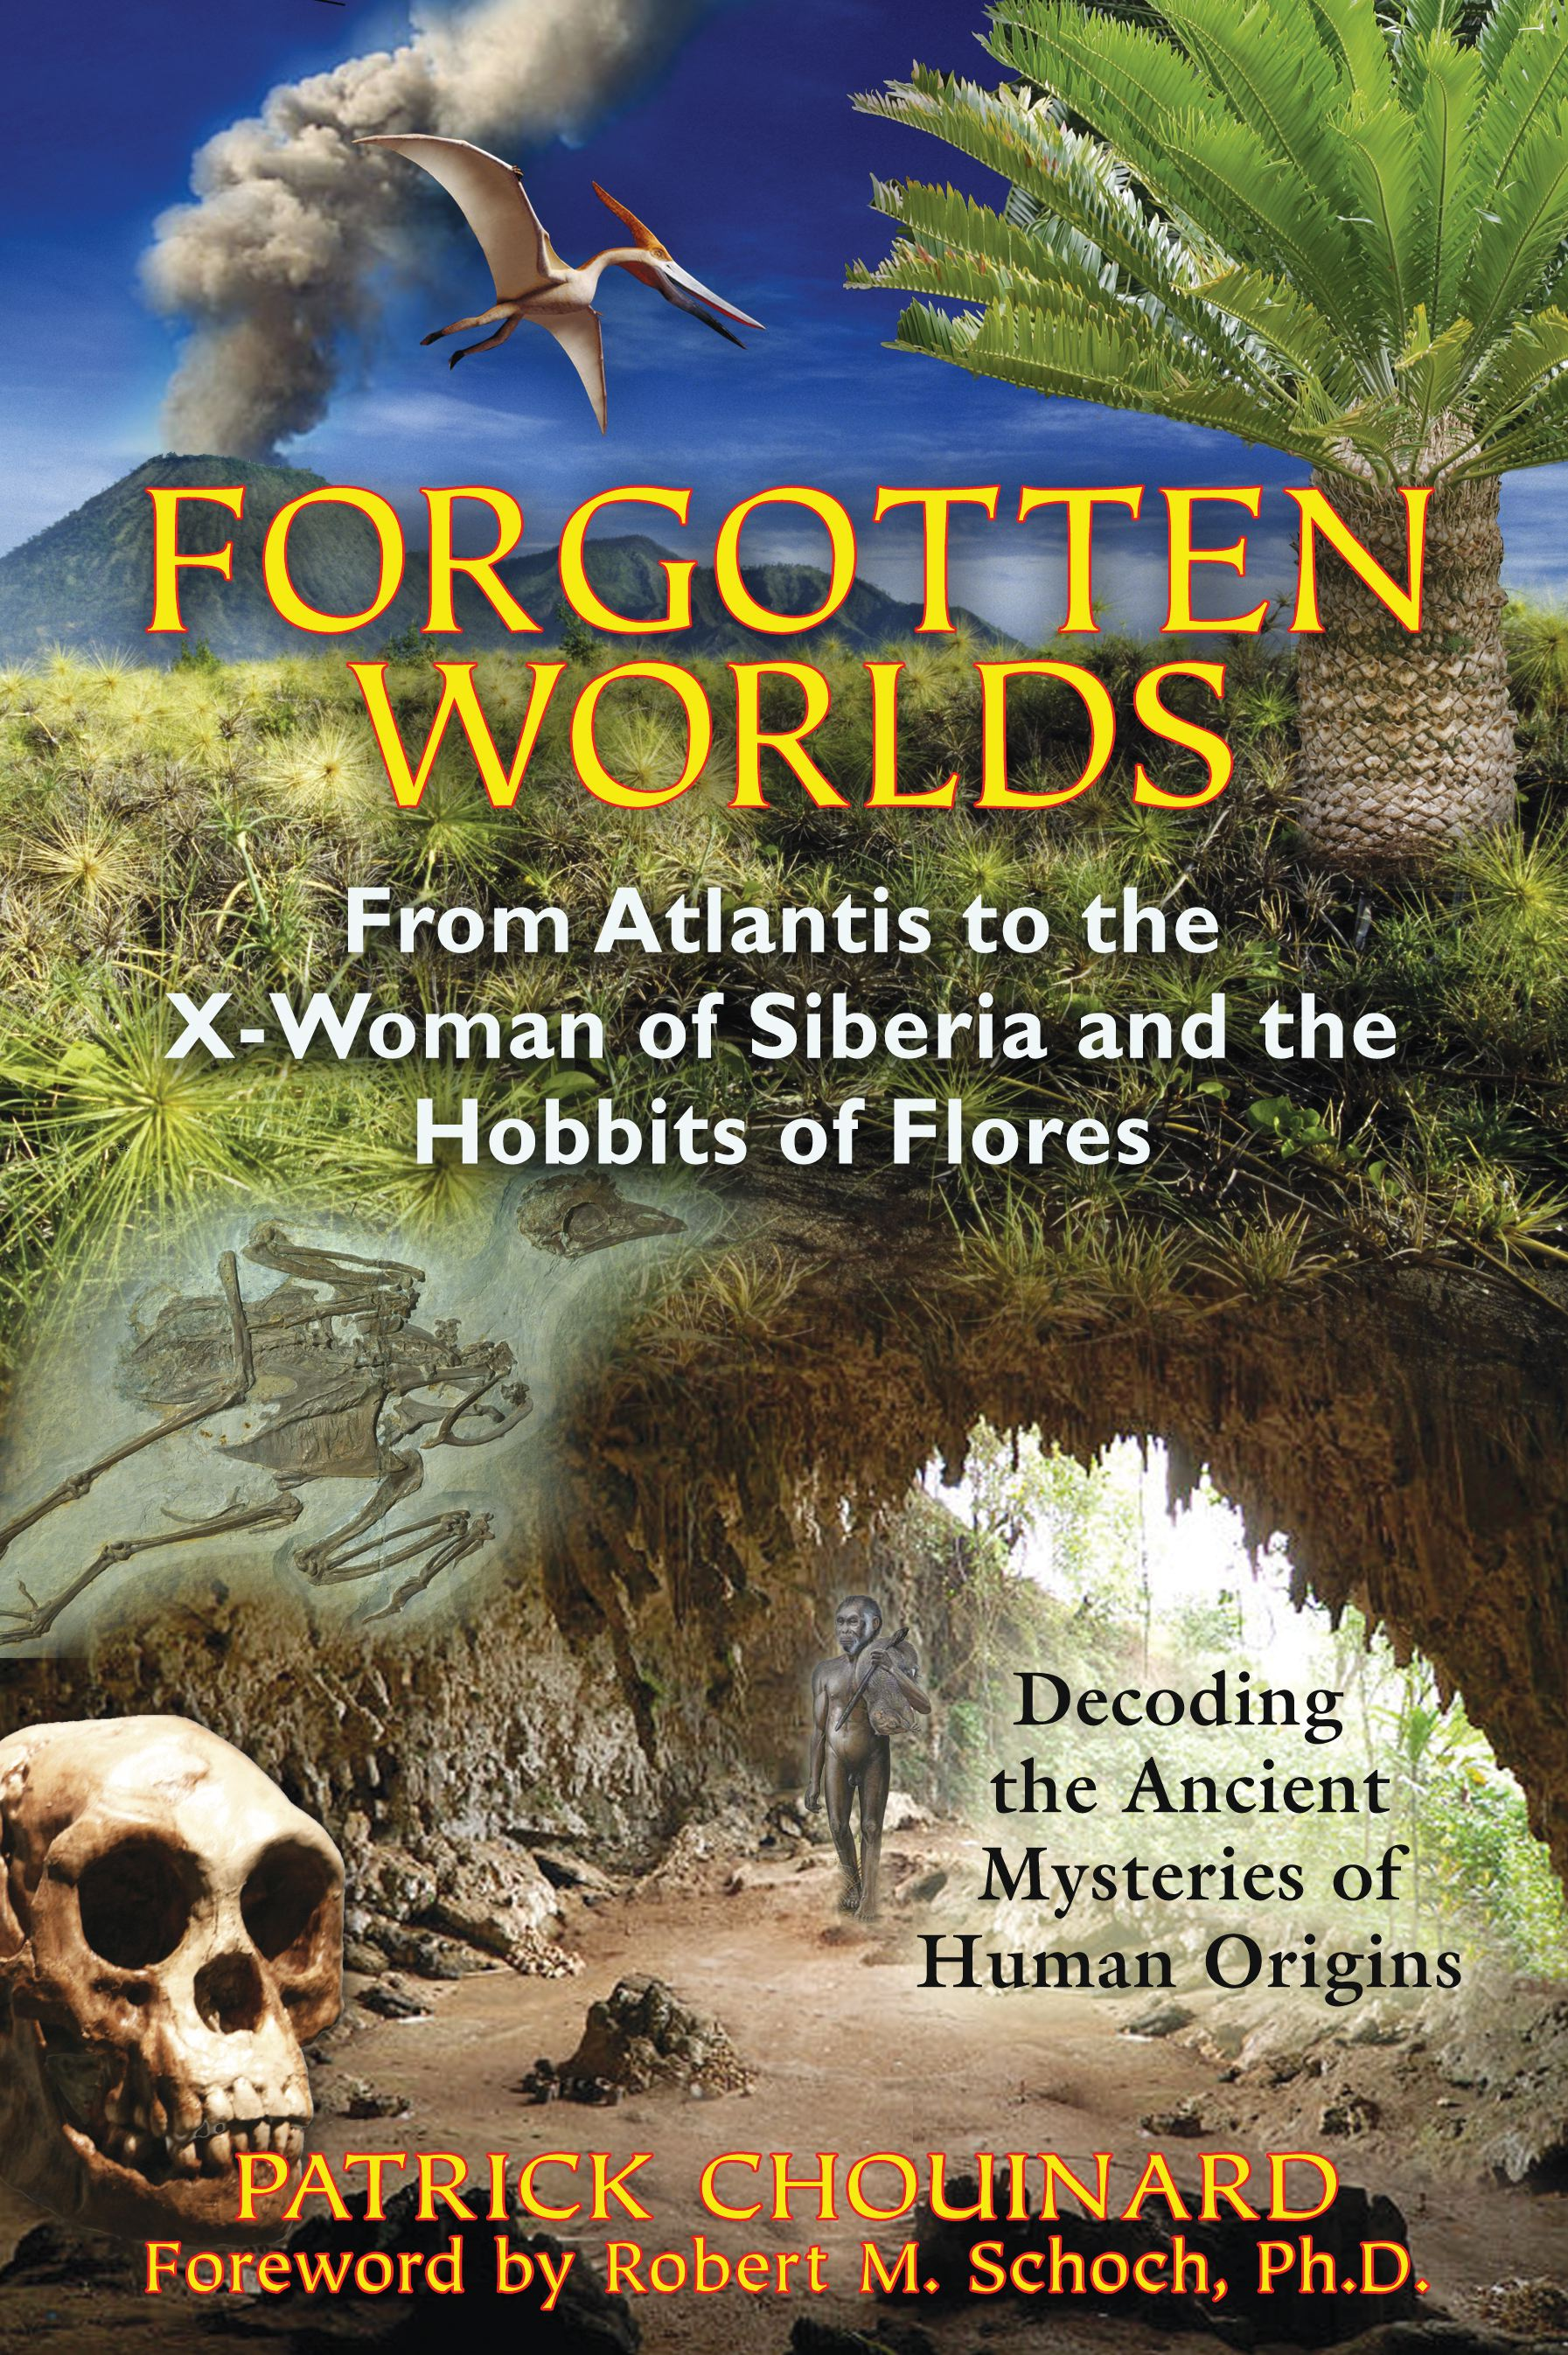 Forgotten worlds 9781591431381 hr